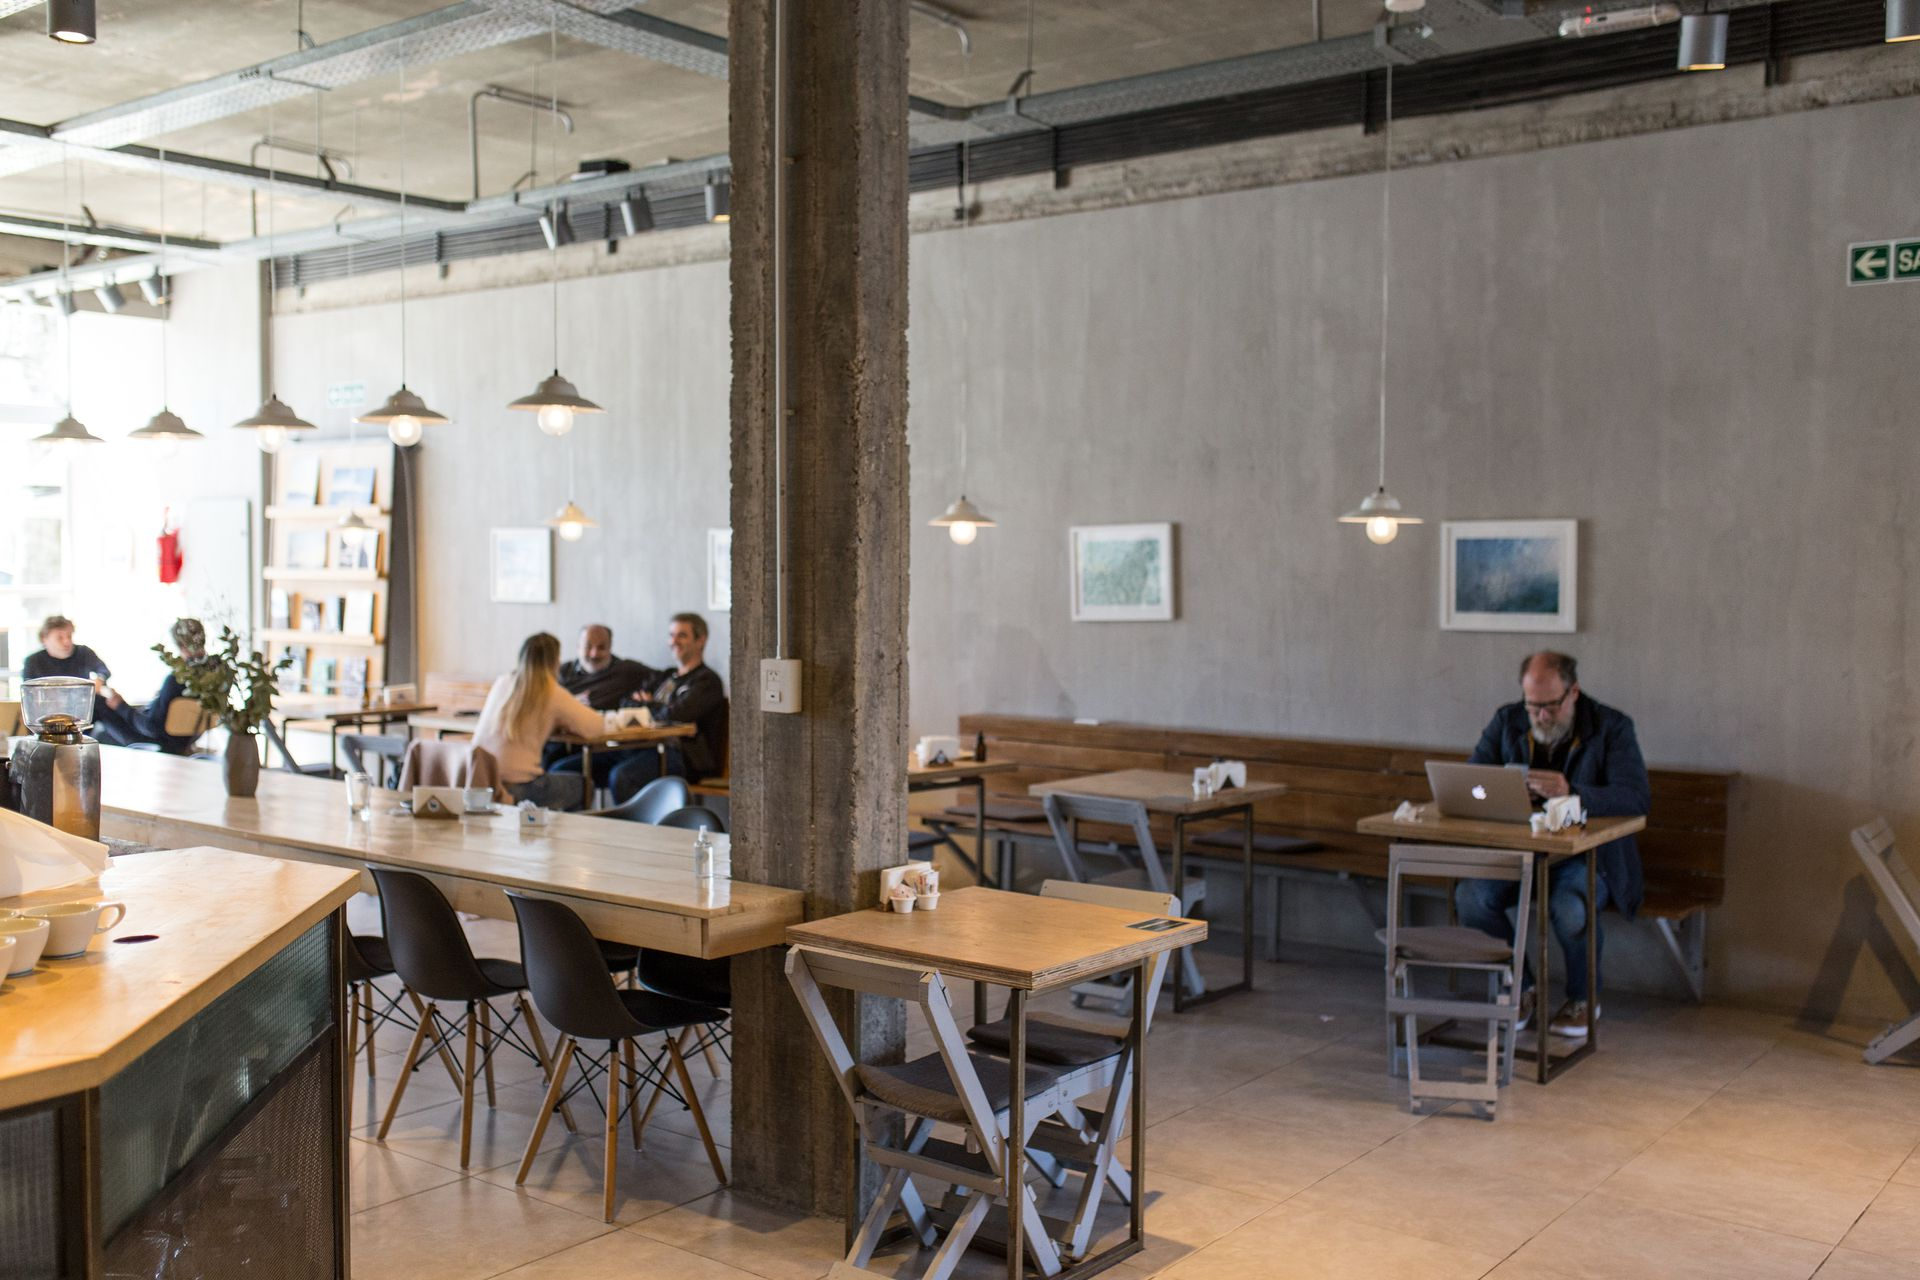 El local en el centro de City Bell tiene una superficie de más de 200 m2 y es uno de los lugares de encuentro favoritos de los locales.